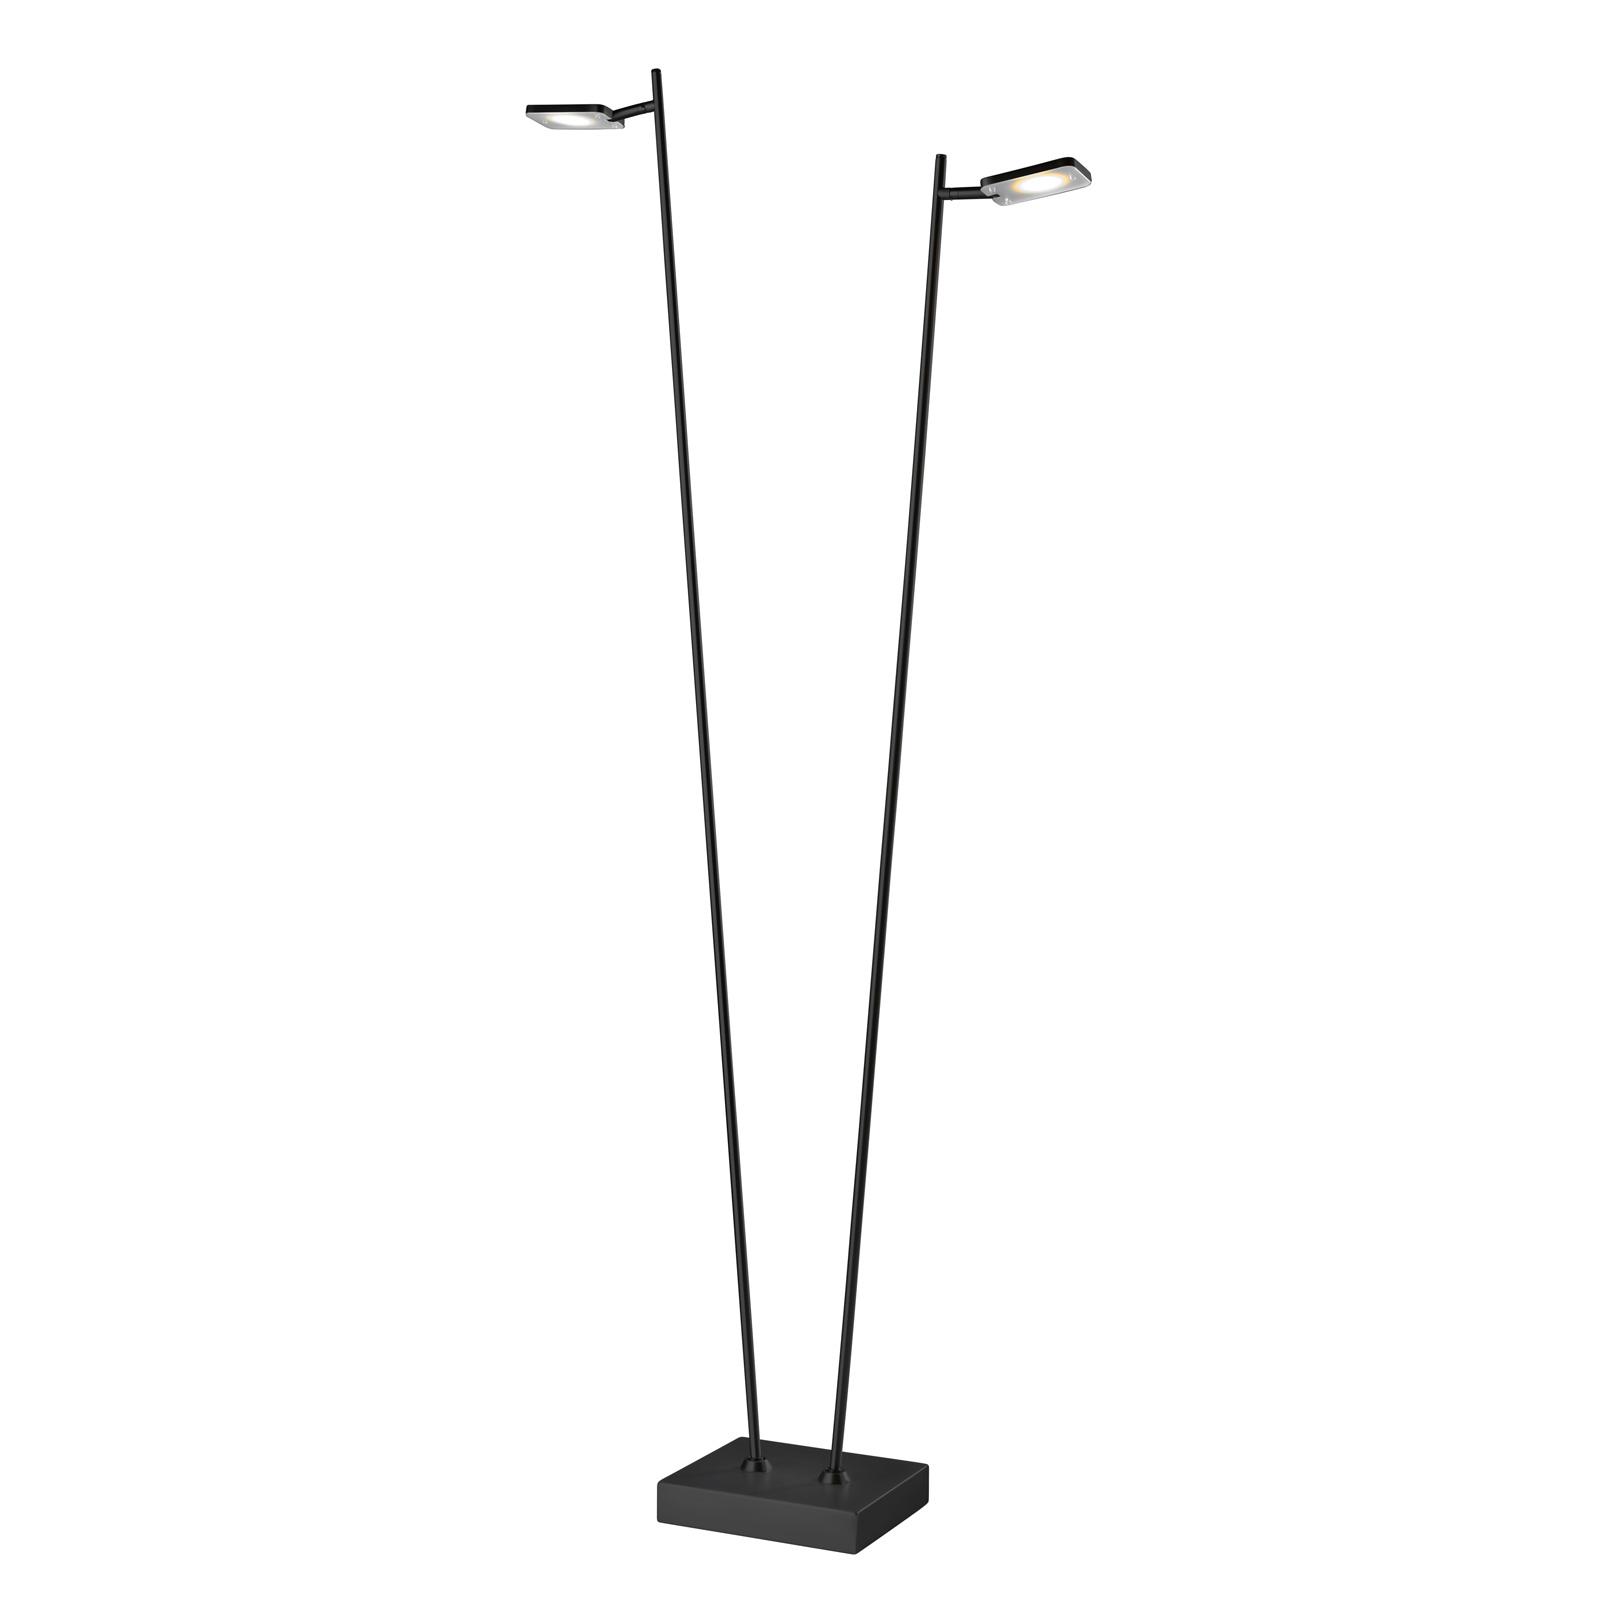 Lampa stojąca LED Quad ściemniacz 2-pkt. czarna